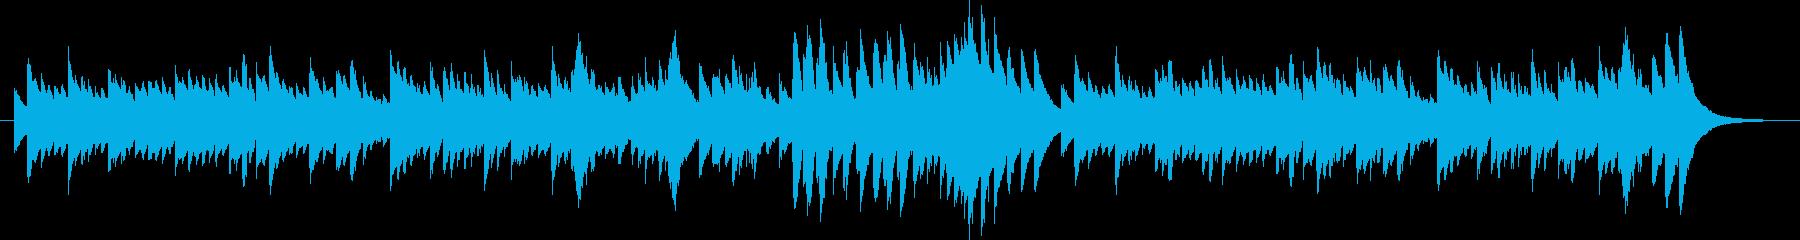 愛の喜び マルティーニの再生済みの波形